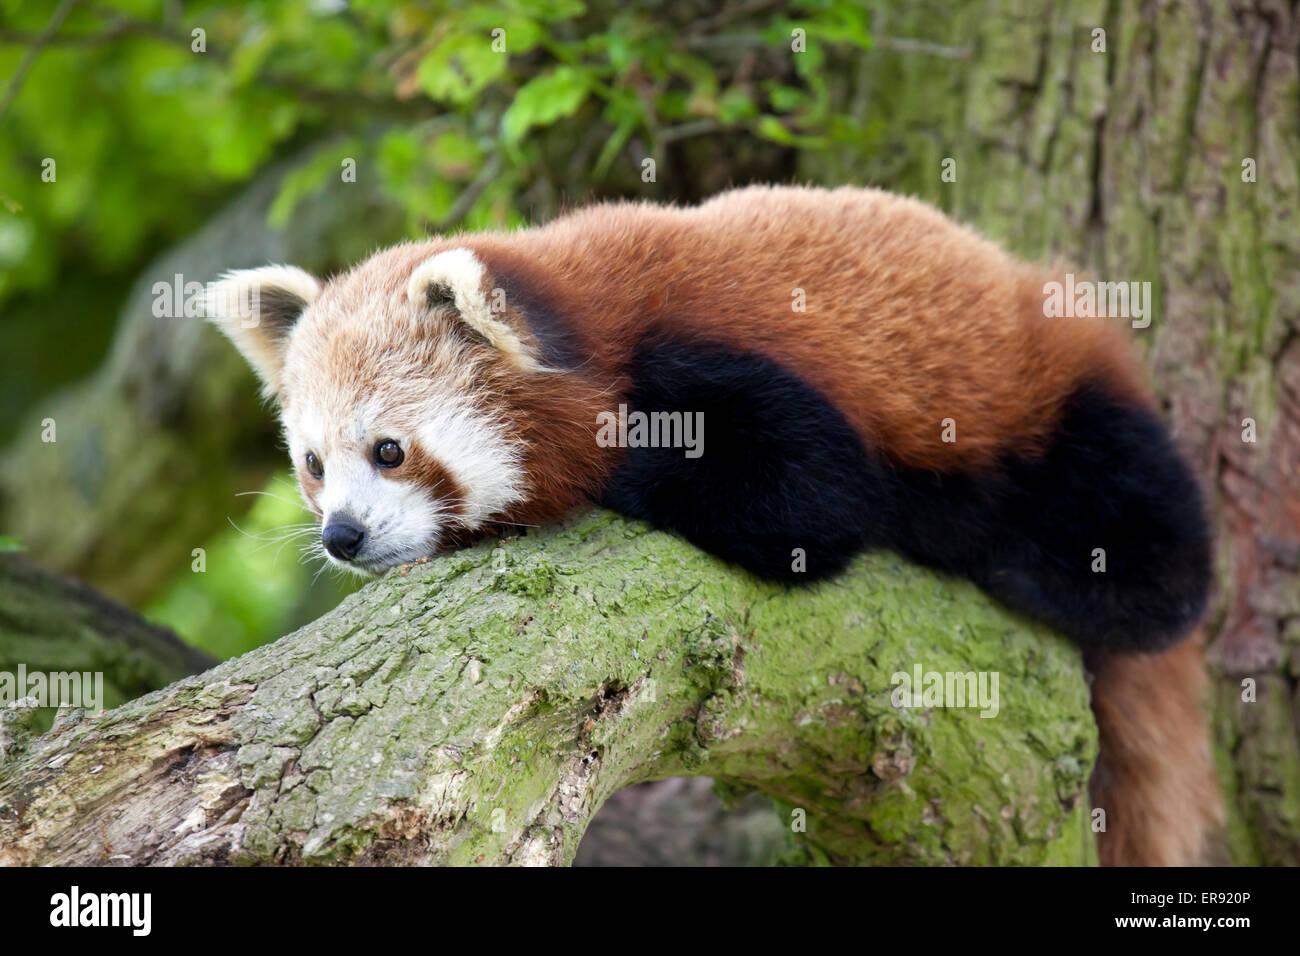 Un petit panda assis sur une branche d'arbre Photo Stock